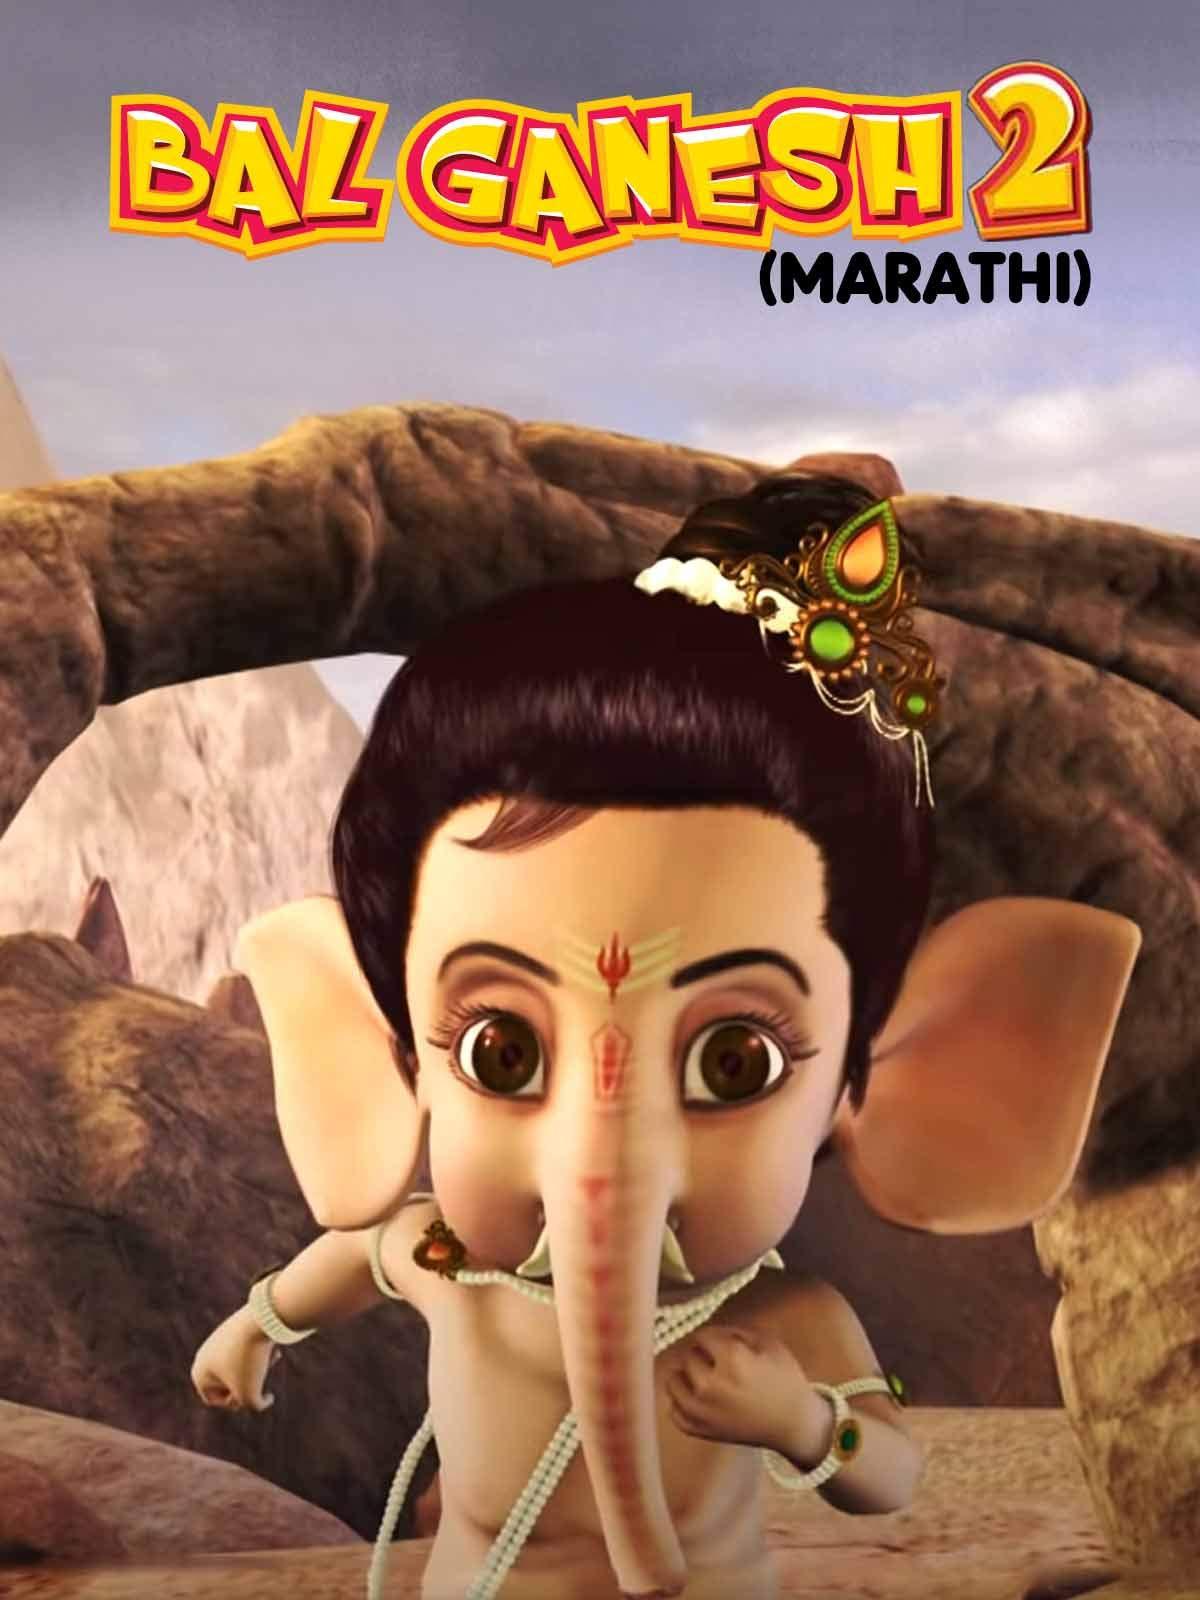 Bal Ganesh 2 (Marathi)